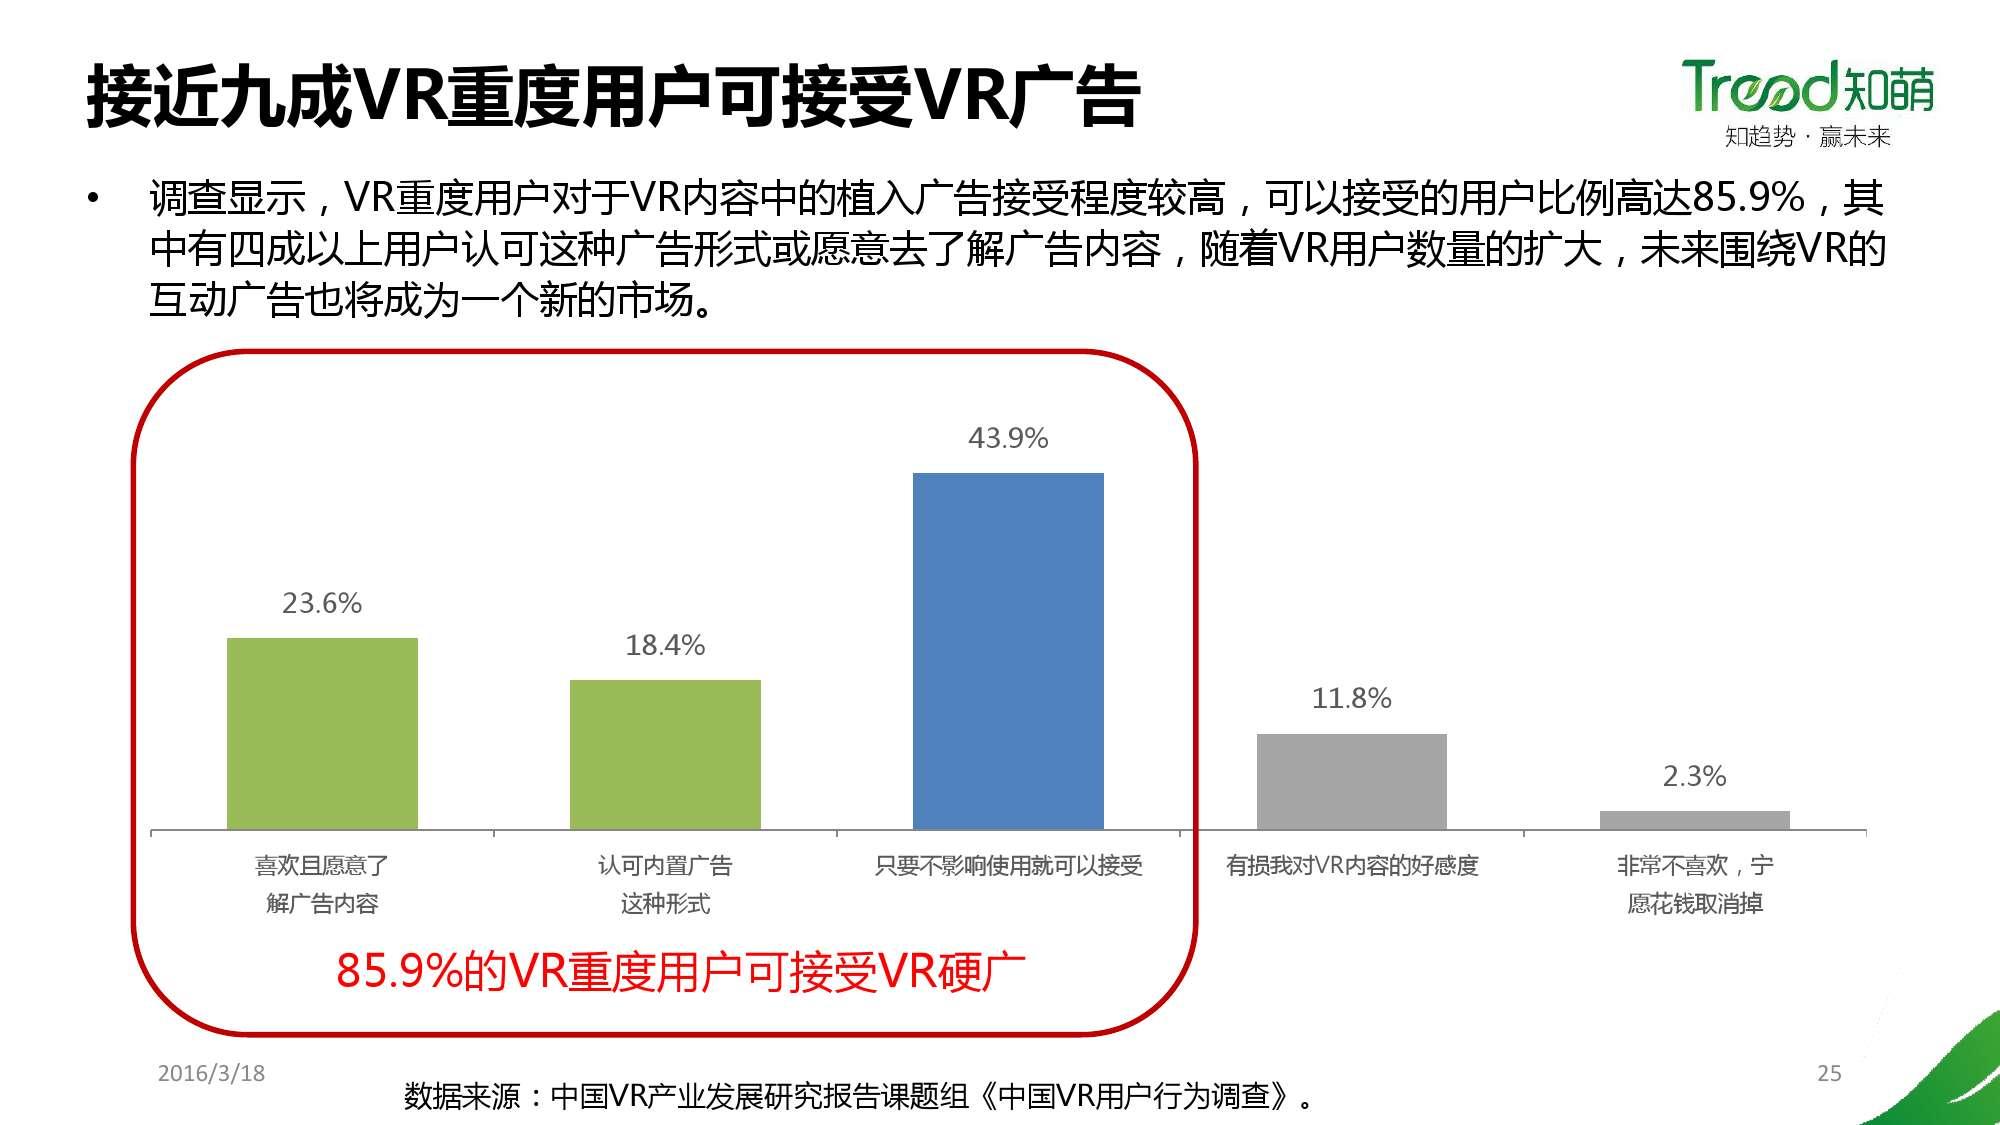 中国VR用户行为研究报告_000025